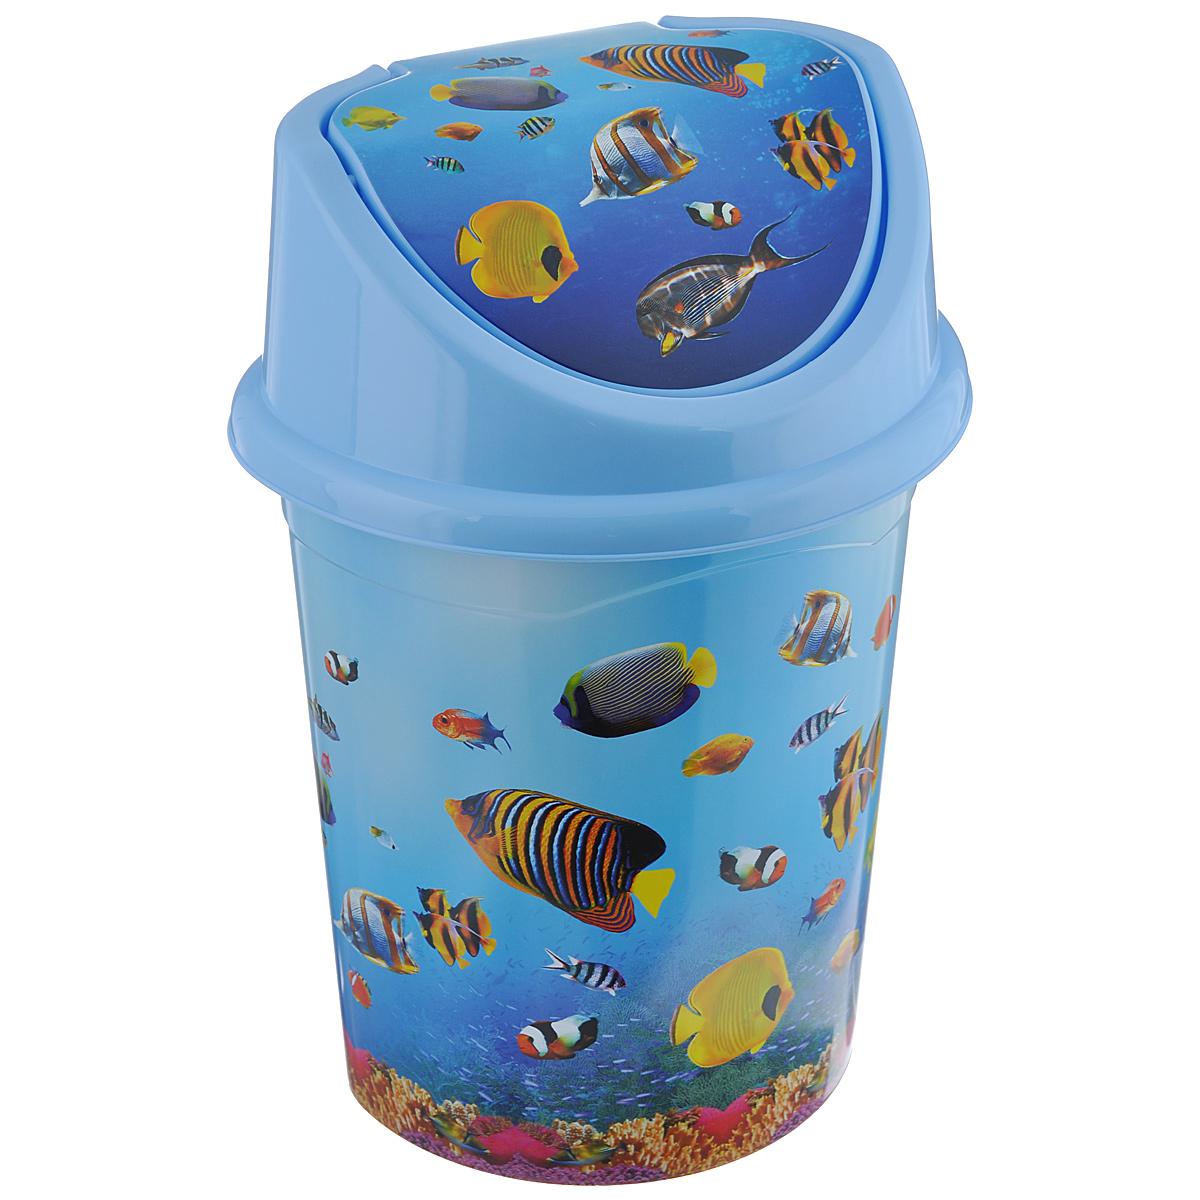 Контейнер для мусора Violet Океан, цвет: голубой, синий, желтый, 8 л0408/79Контейнер для мусора Violet Океан изготовлен из прочного пластика. Контейнер снабжен удобной съемной крышкой с подвижной перегородкой. В нем удобно хранить мелкий мусор. Благодаря яркому дизайну такой контейнер идеально впишется в интерьер и дома. Размер изделия: 21 см x 26 см x 36 см.